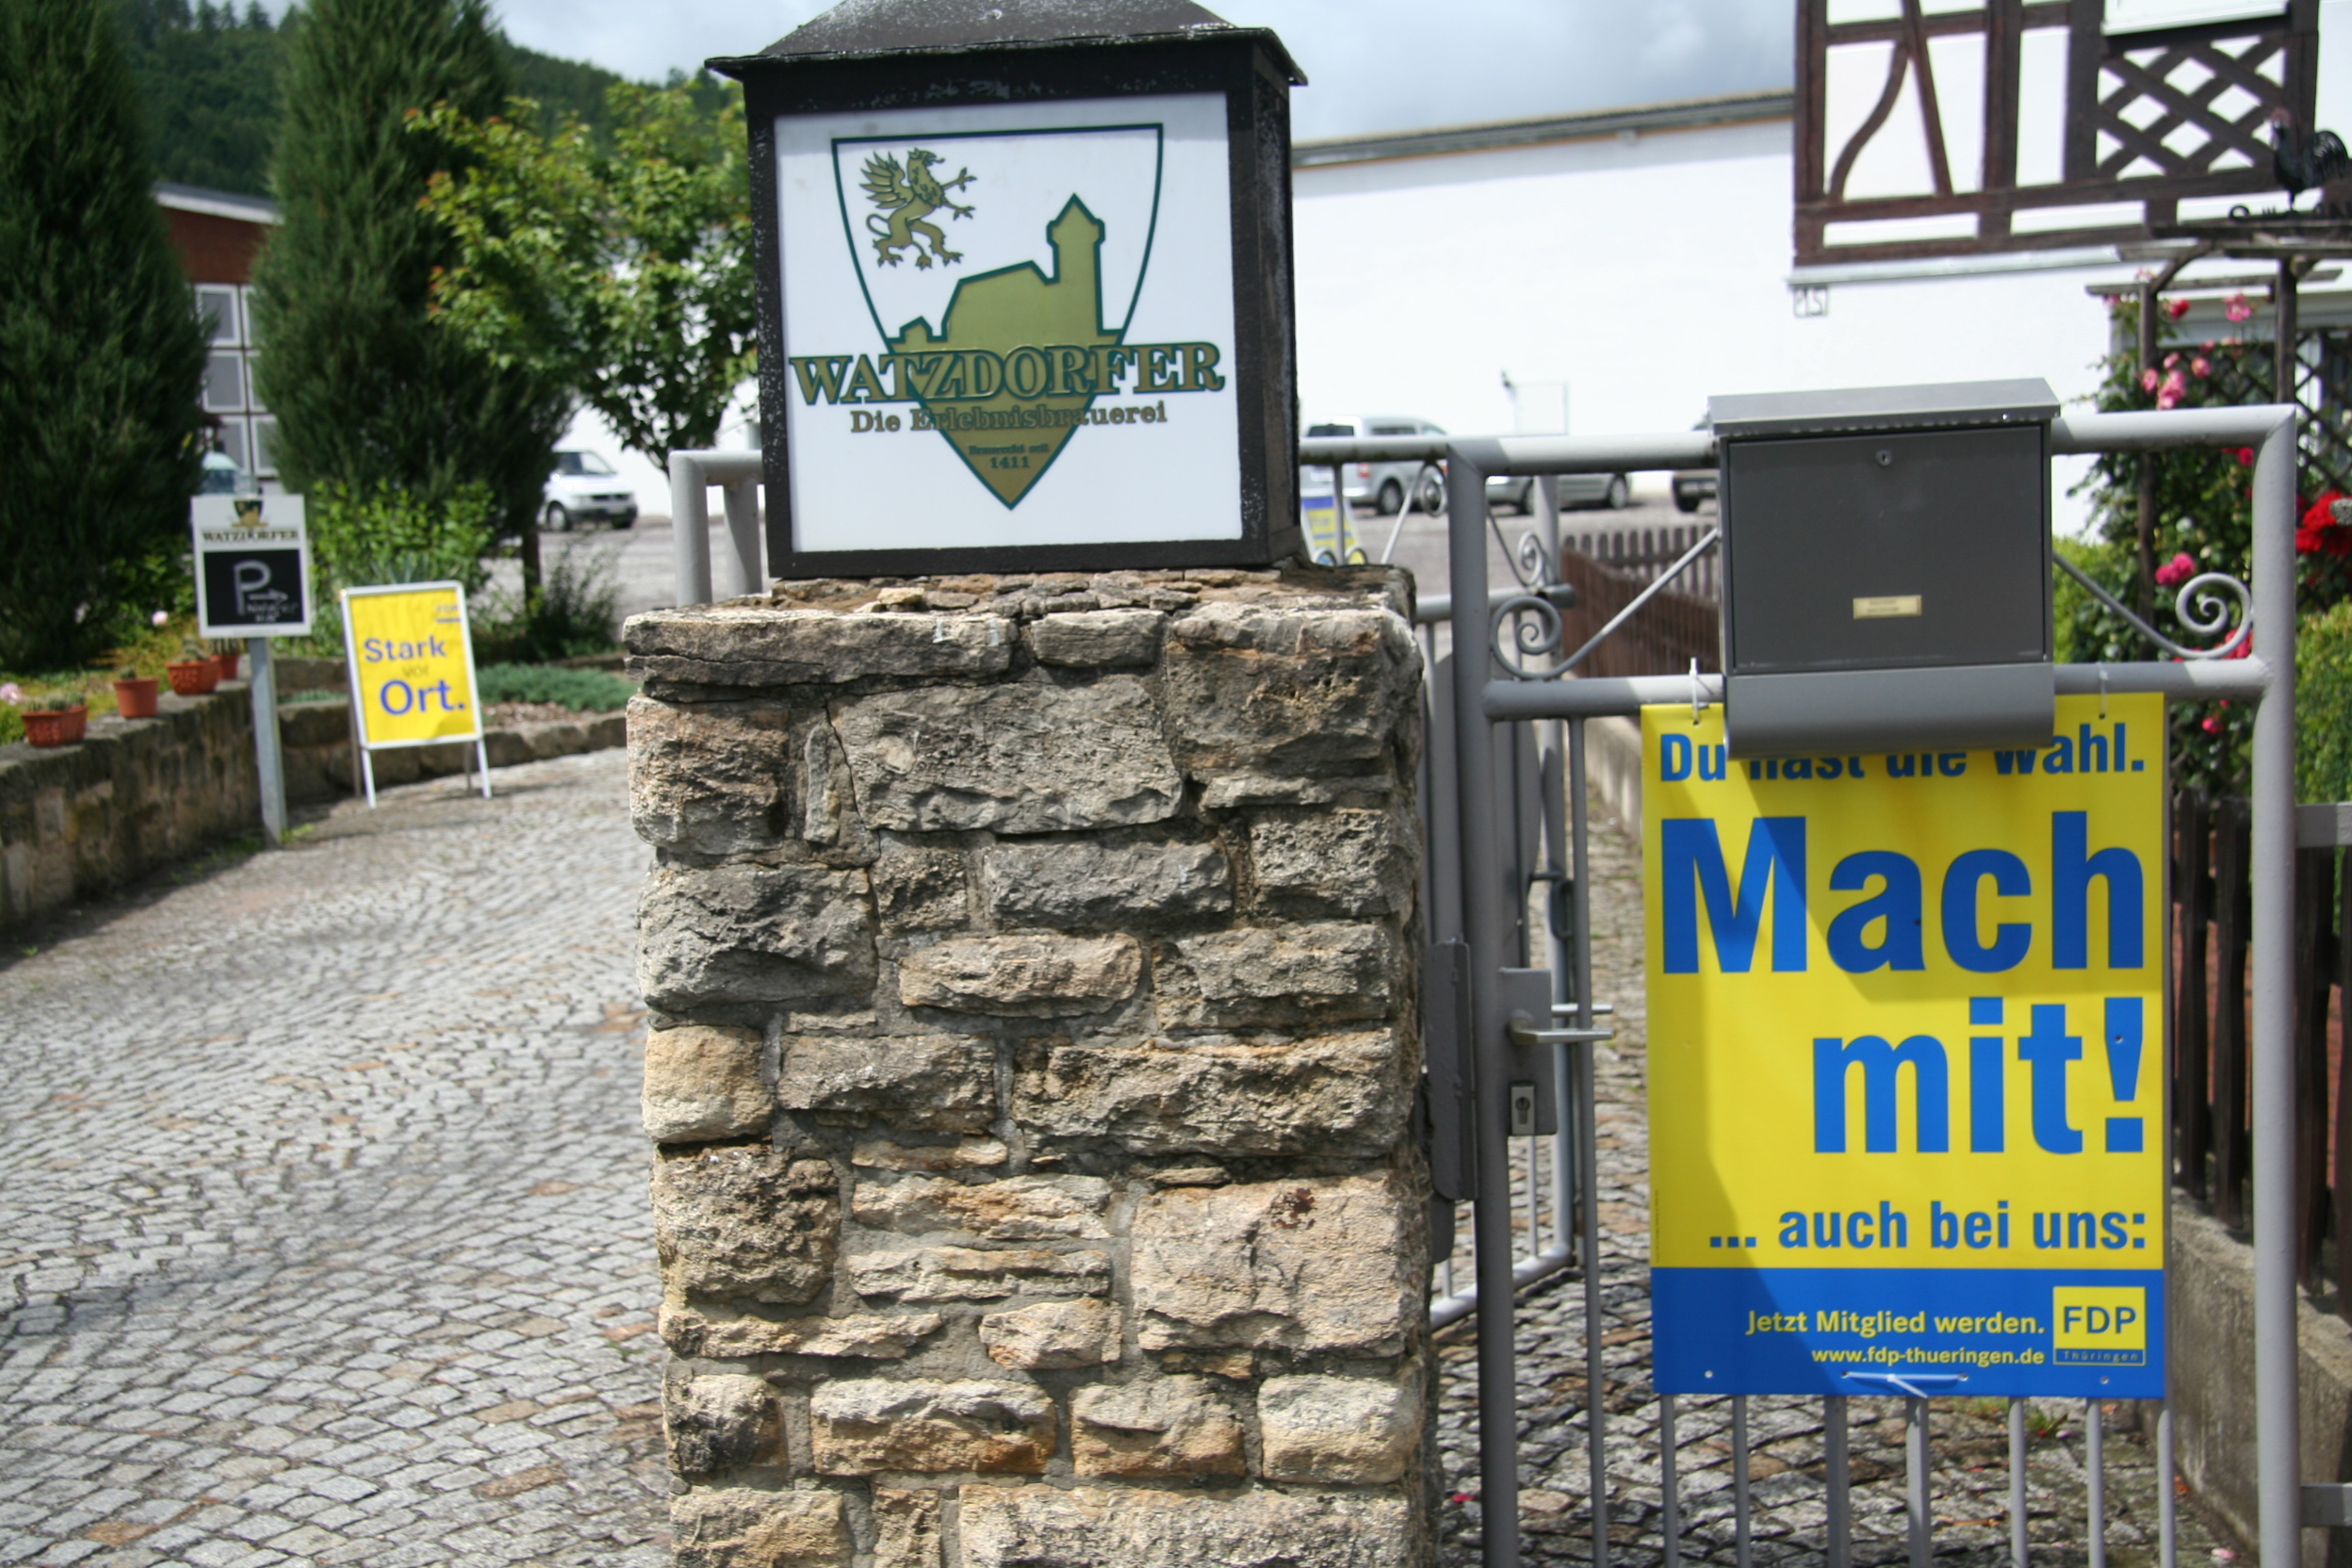 FDP-Sommerfest in Watzdorf